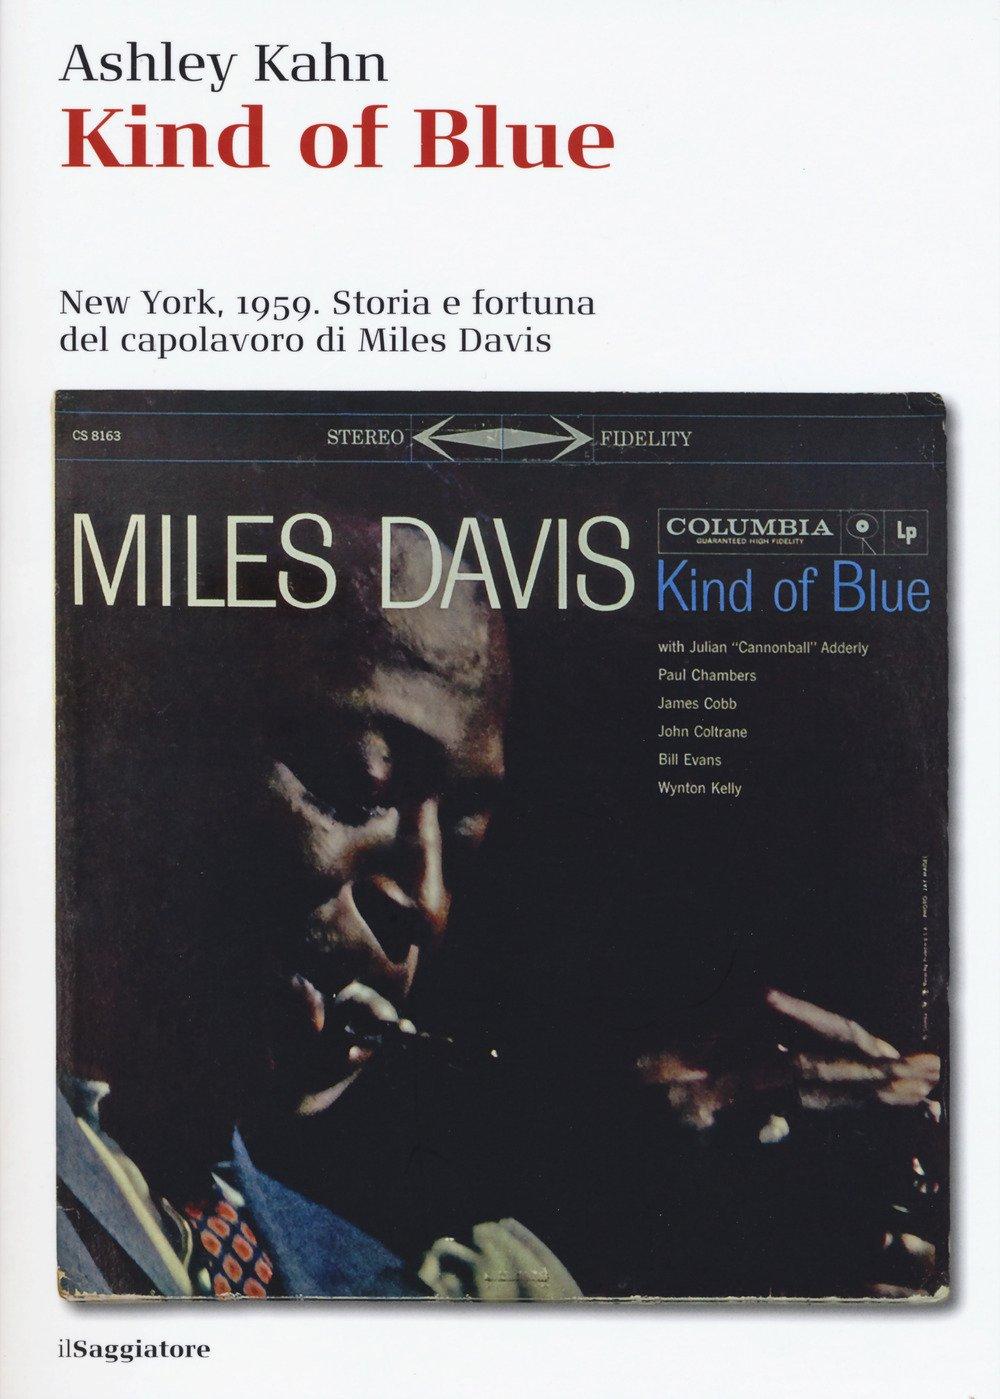 Kind of blue. New York, 1959. Storia e fortuna del capolavoro di Miles Davis